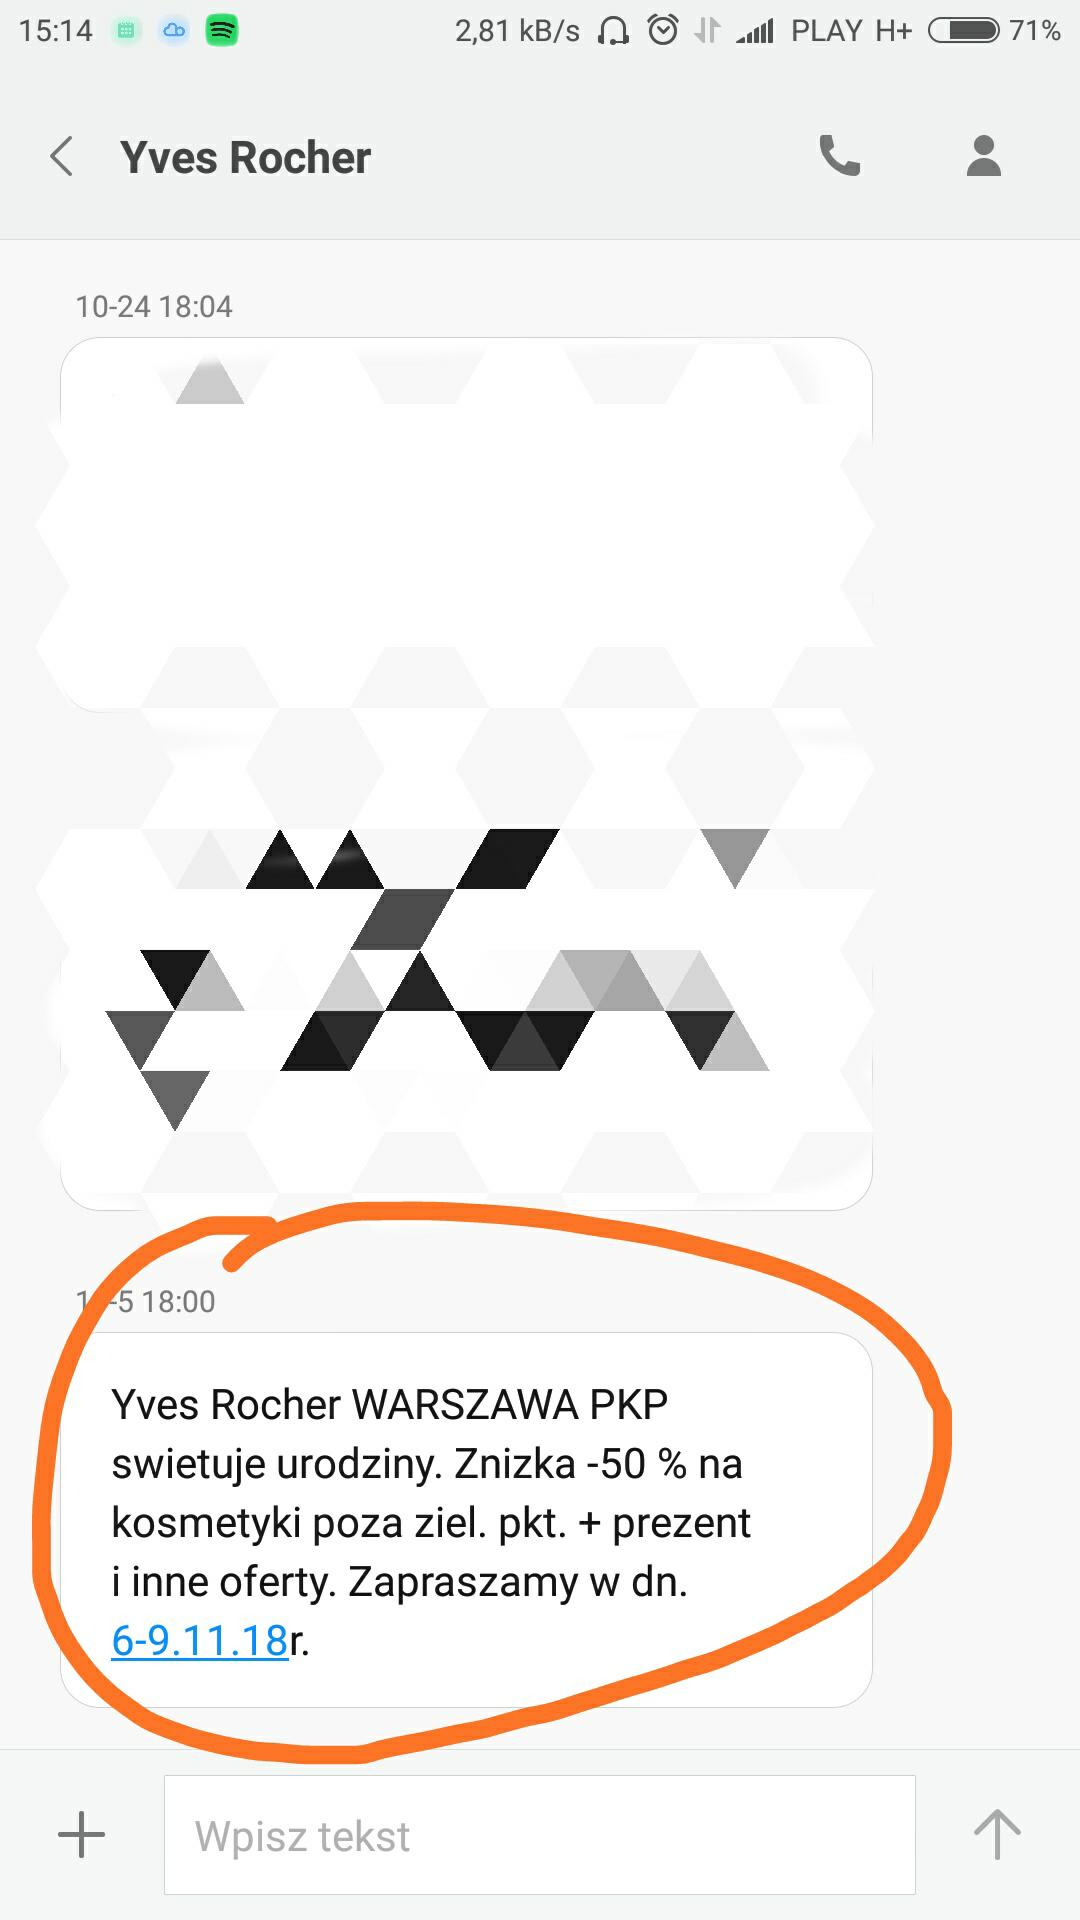 Yves Rocher Warszawa PKP -50%